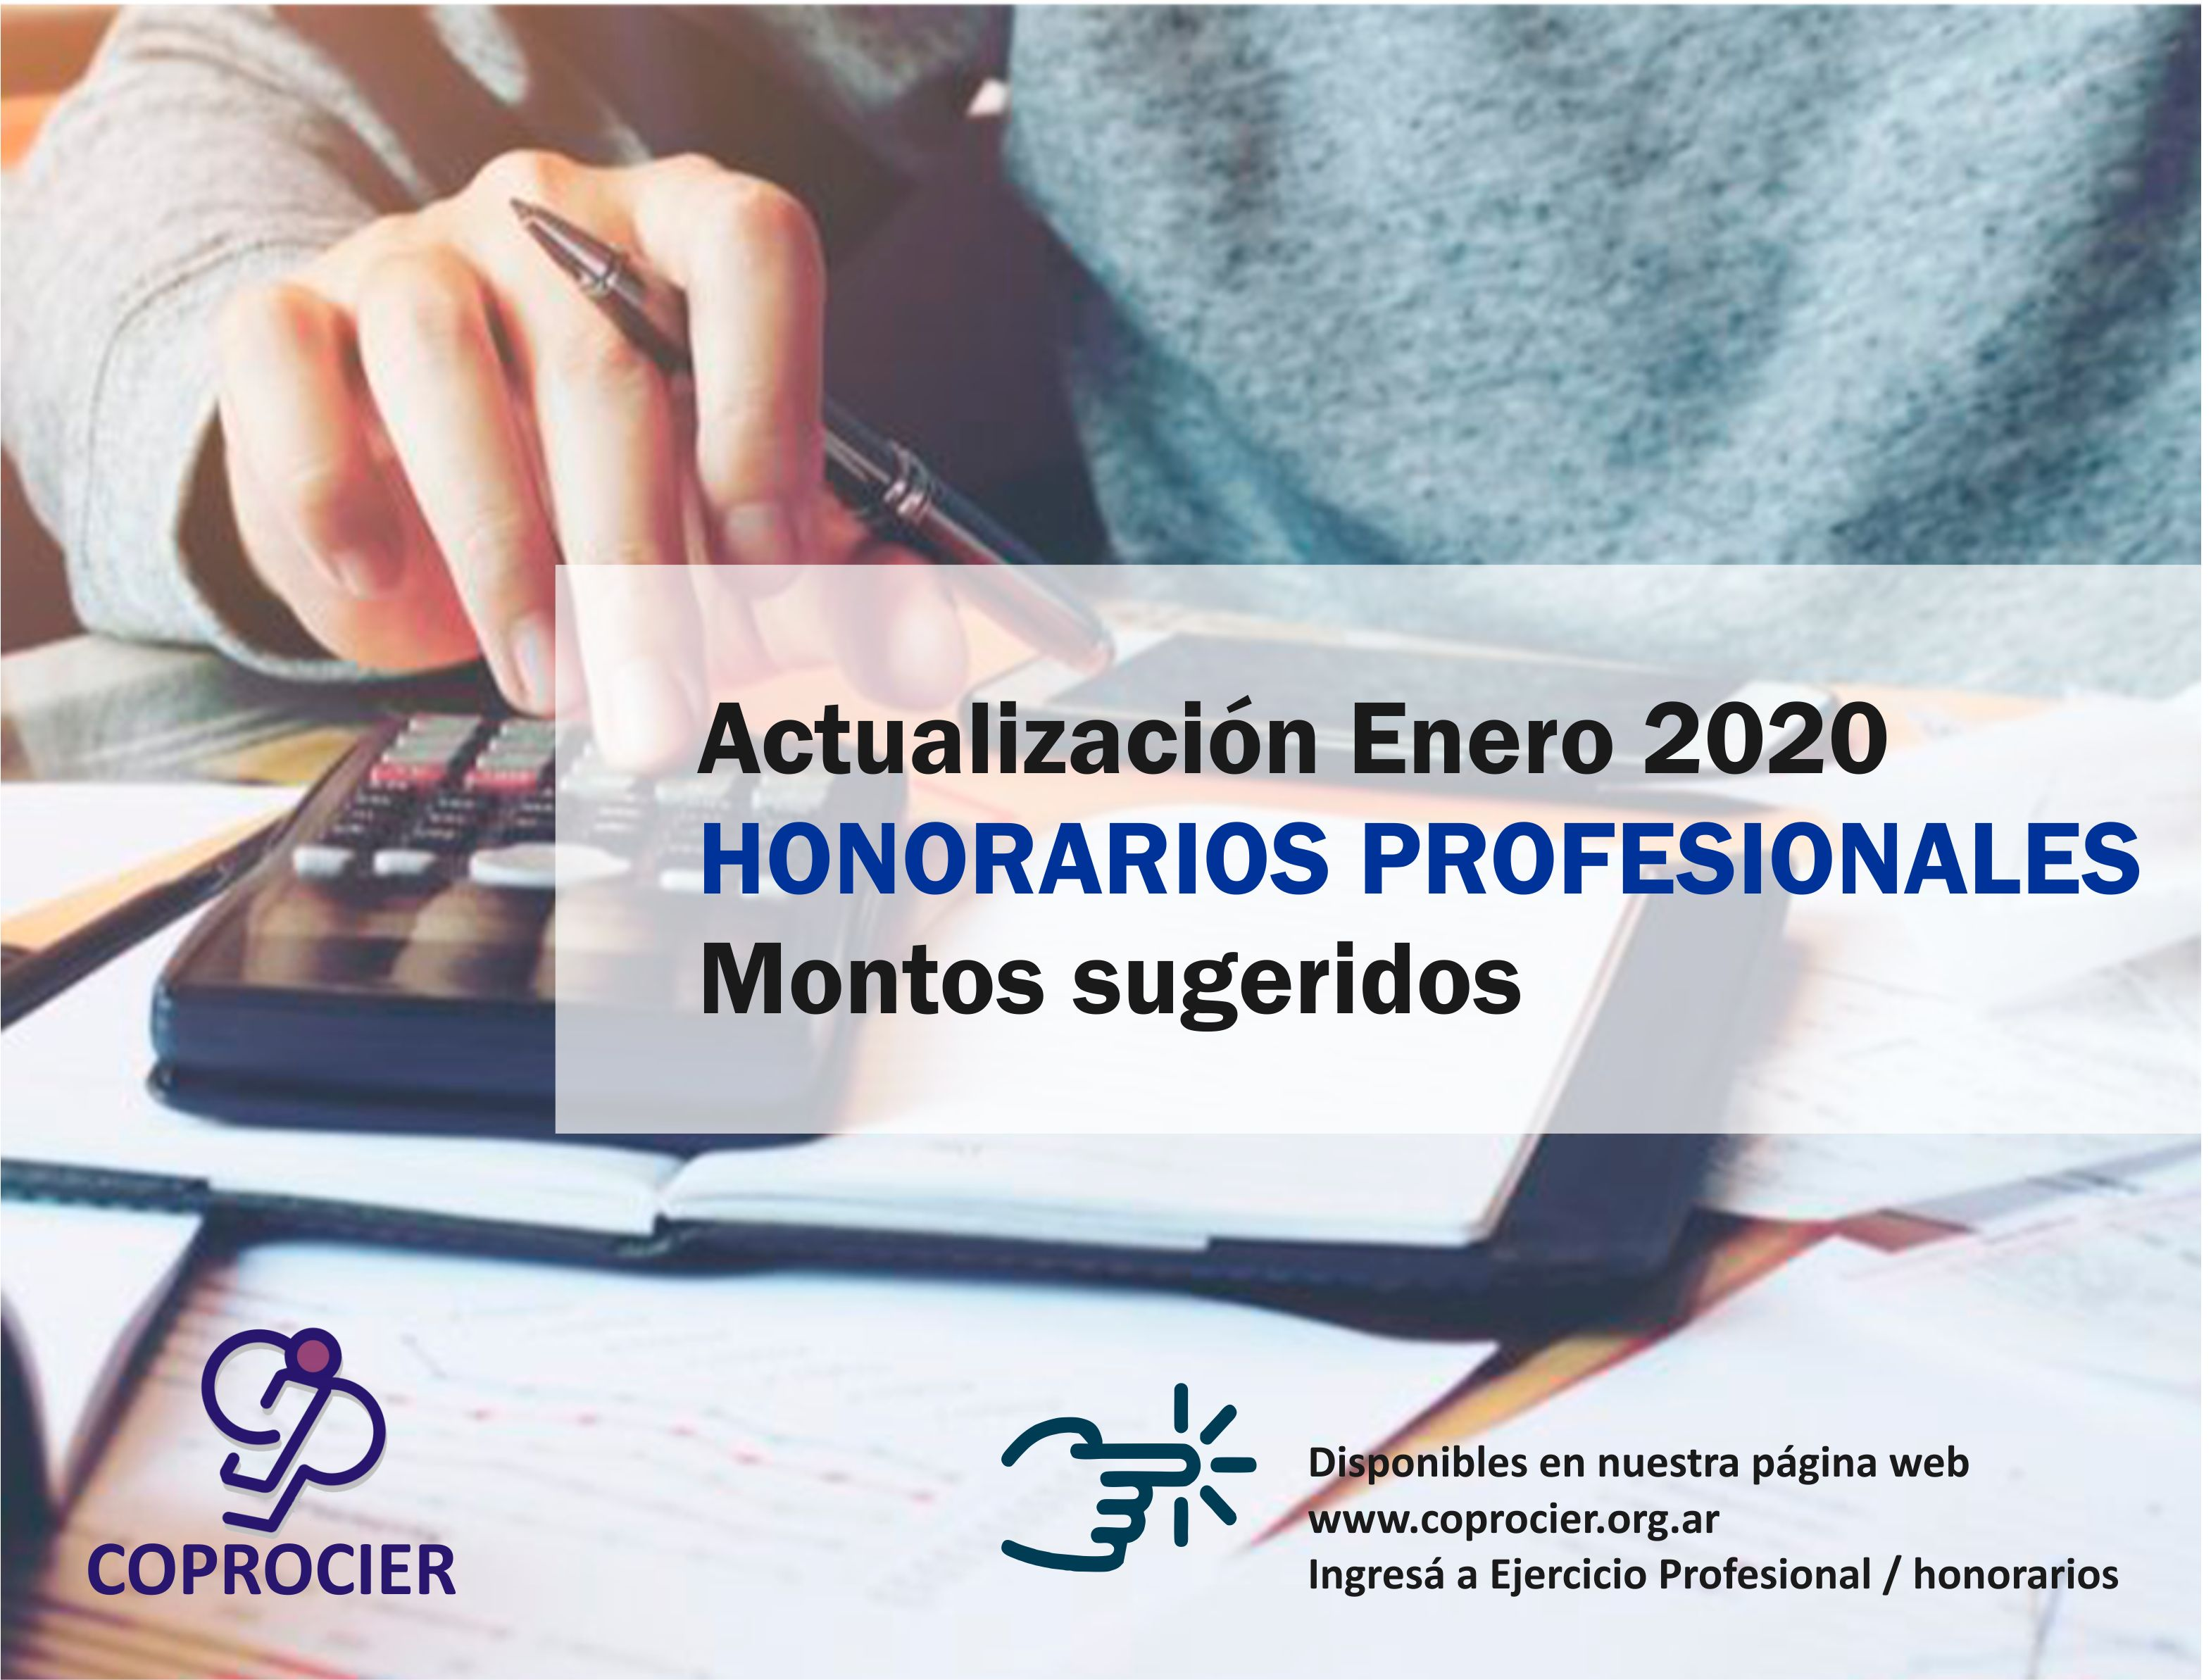 Honorarios profesionales sugeridos: actualización Enero 2020